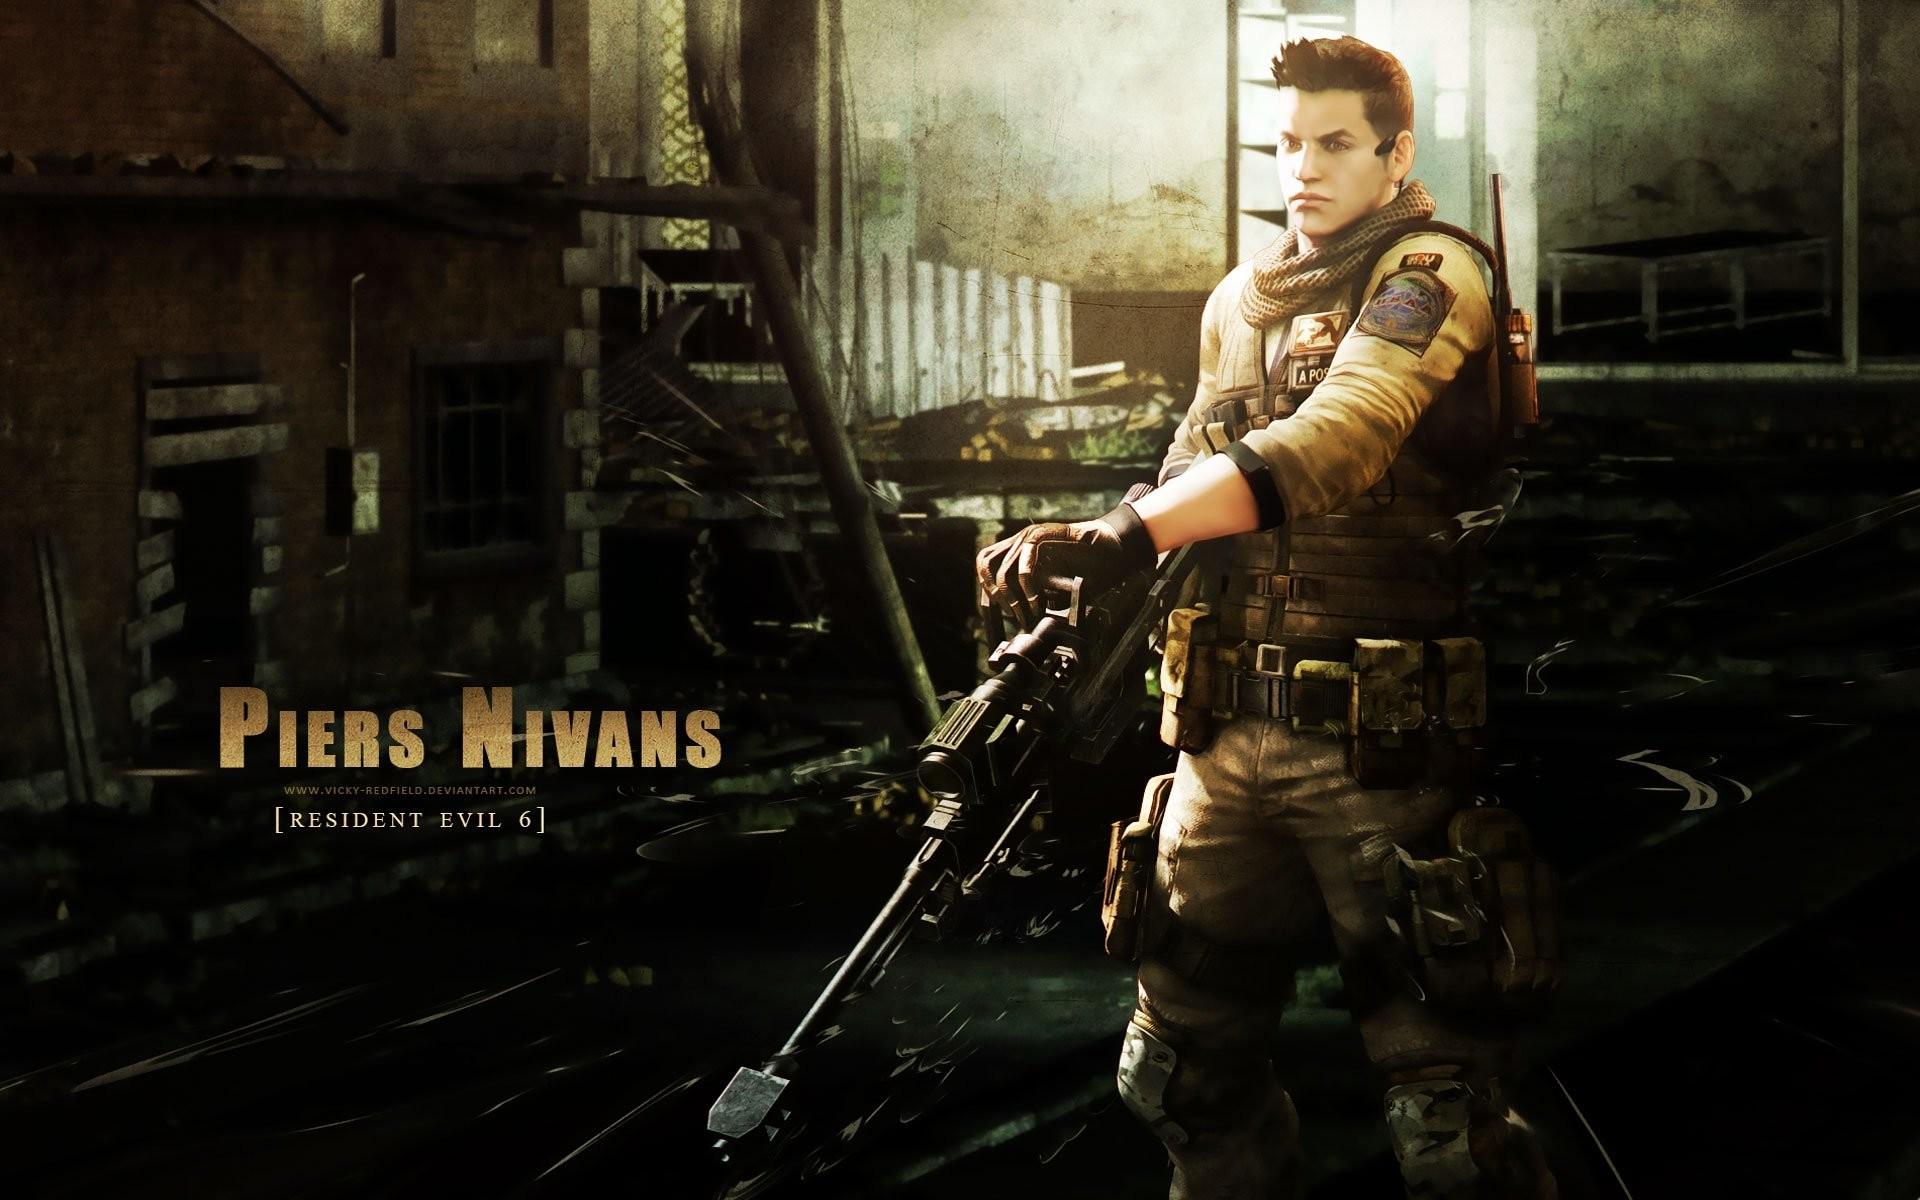 Resident Evil 6 Piers Nivans